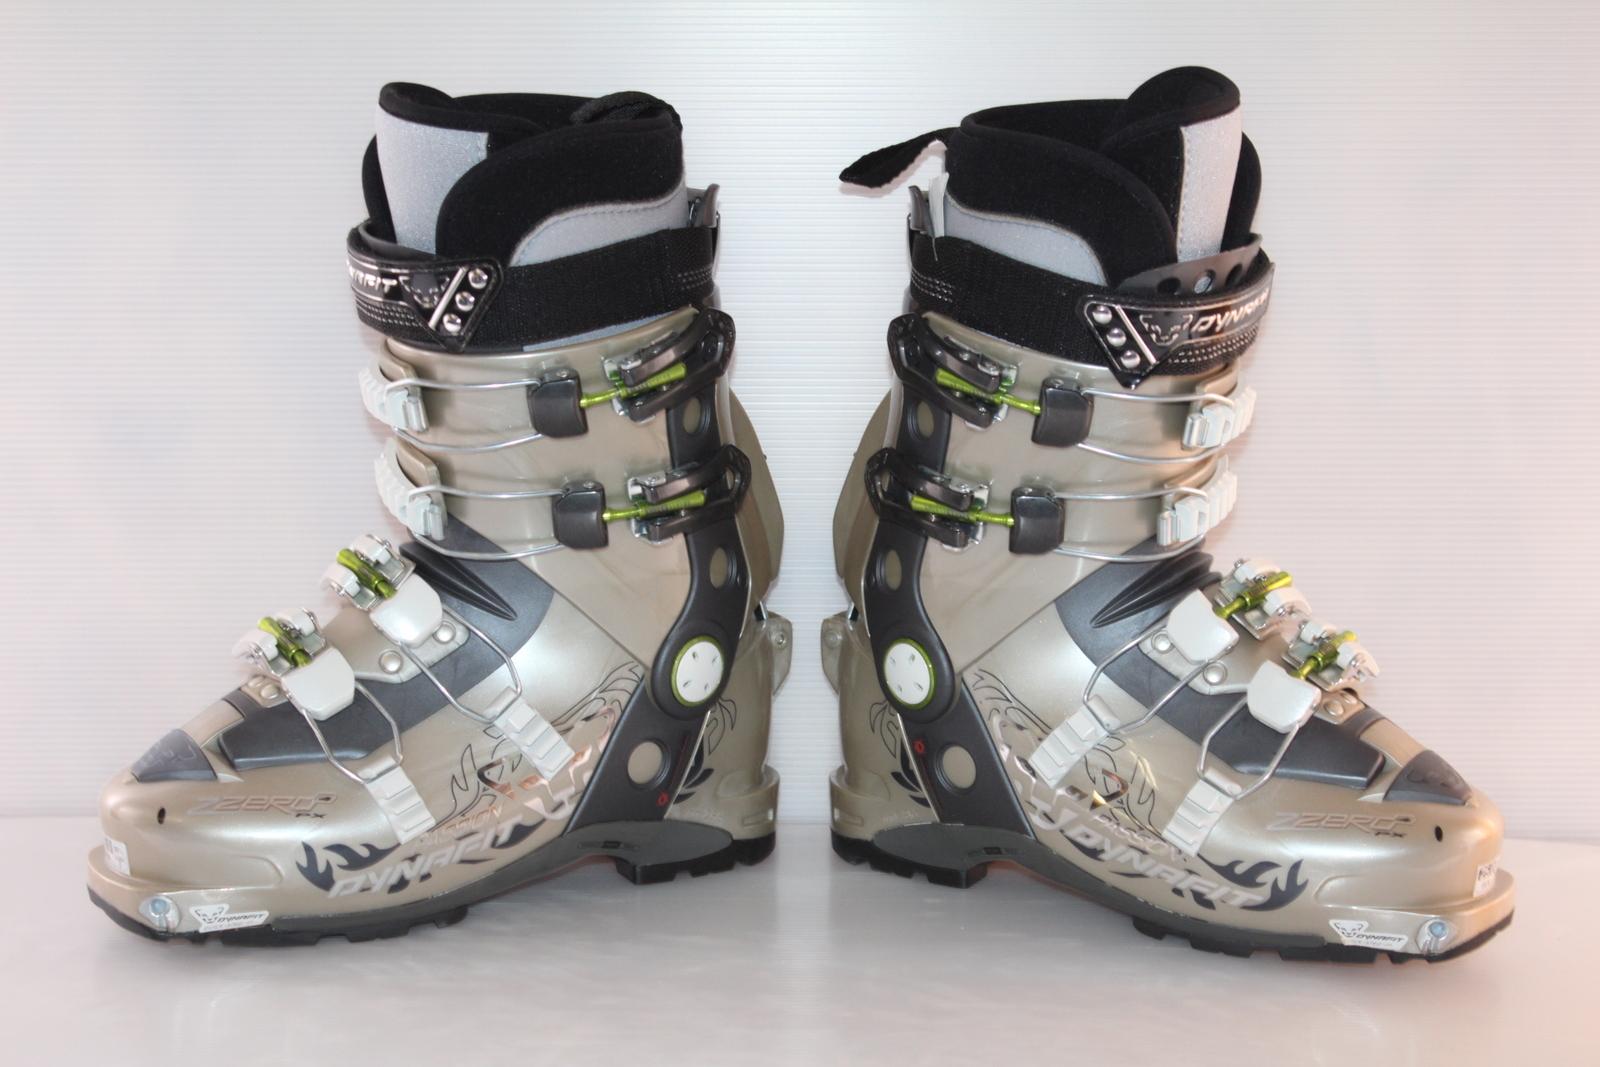 Dámské skialpové boty Dynafit ZZERO 4 - skialp vel. EU36.5